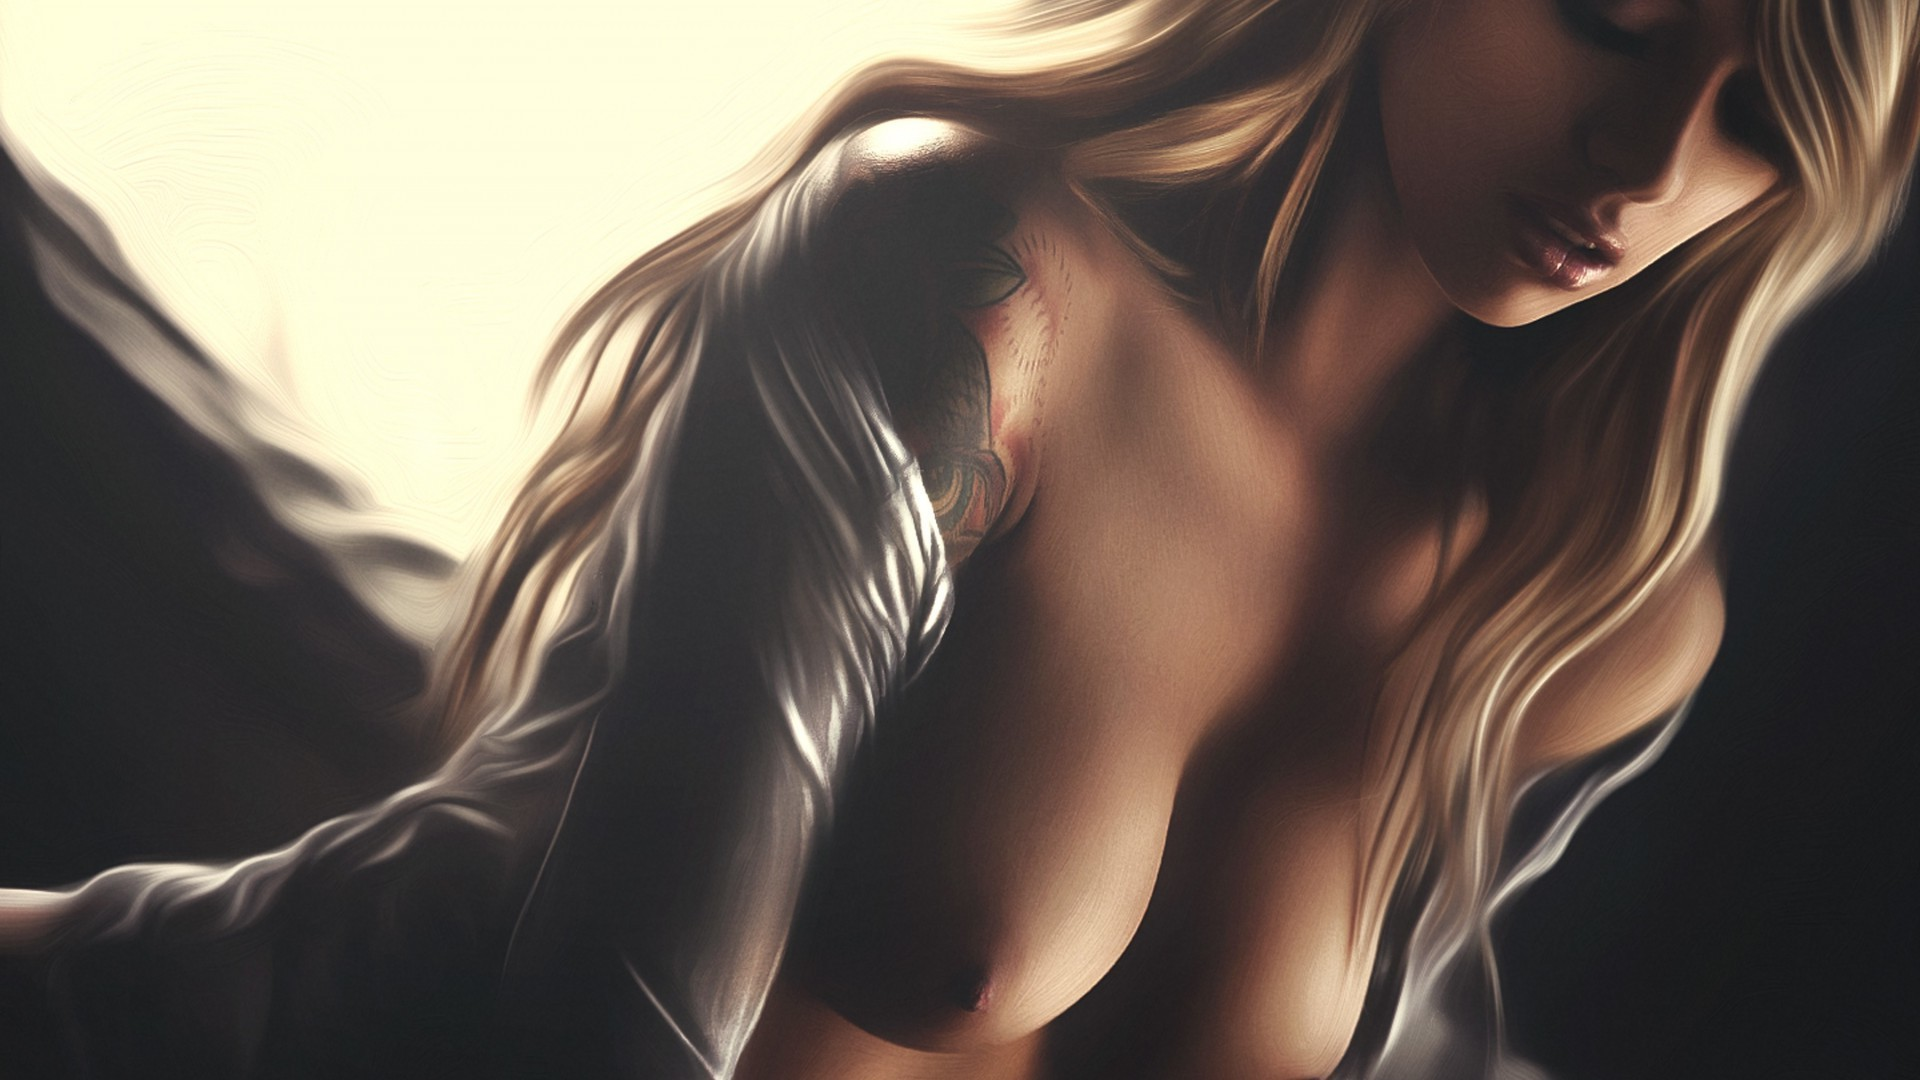 zhivie-oboi-dlya-rabochego-stola-erotika